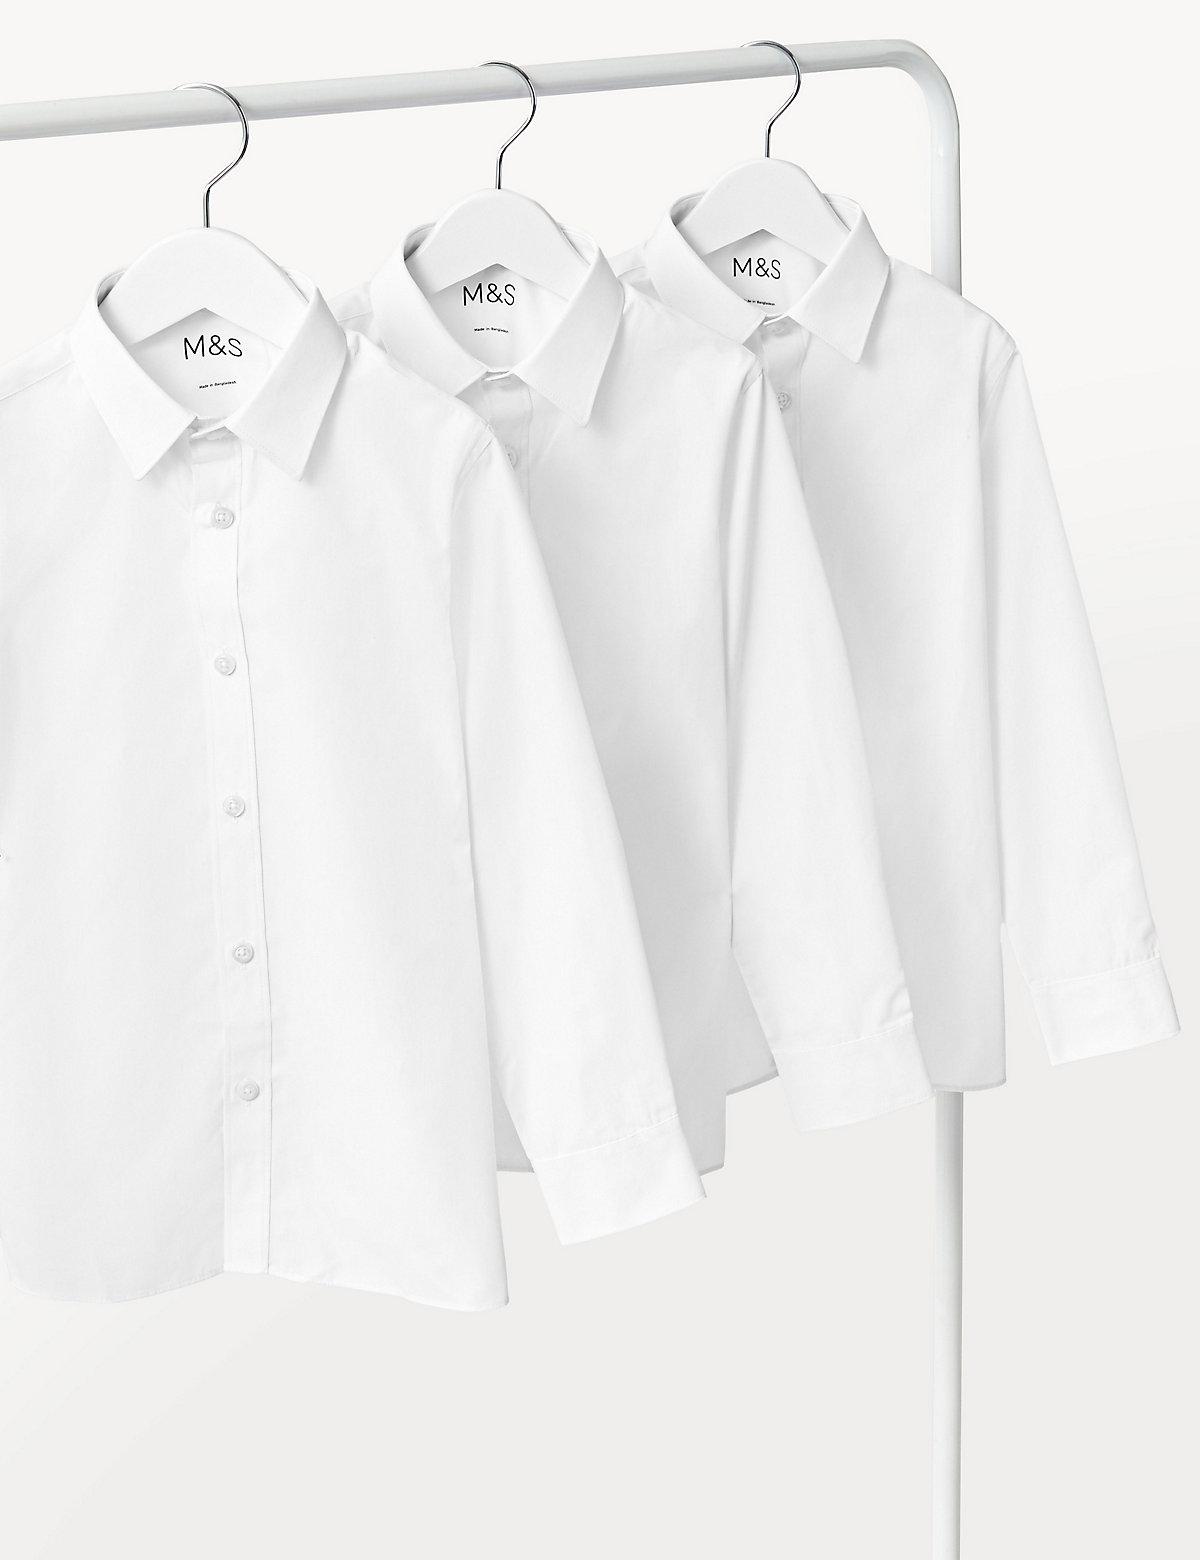 Комплект рубашек для мальчика с отделкой Easy To Iron  (3 шт.)